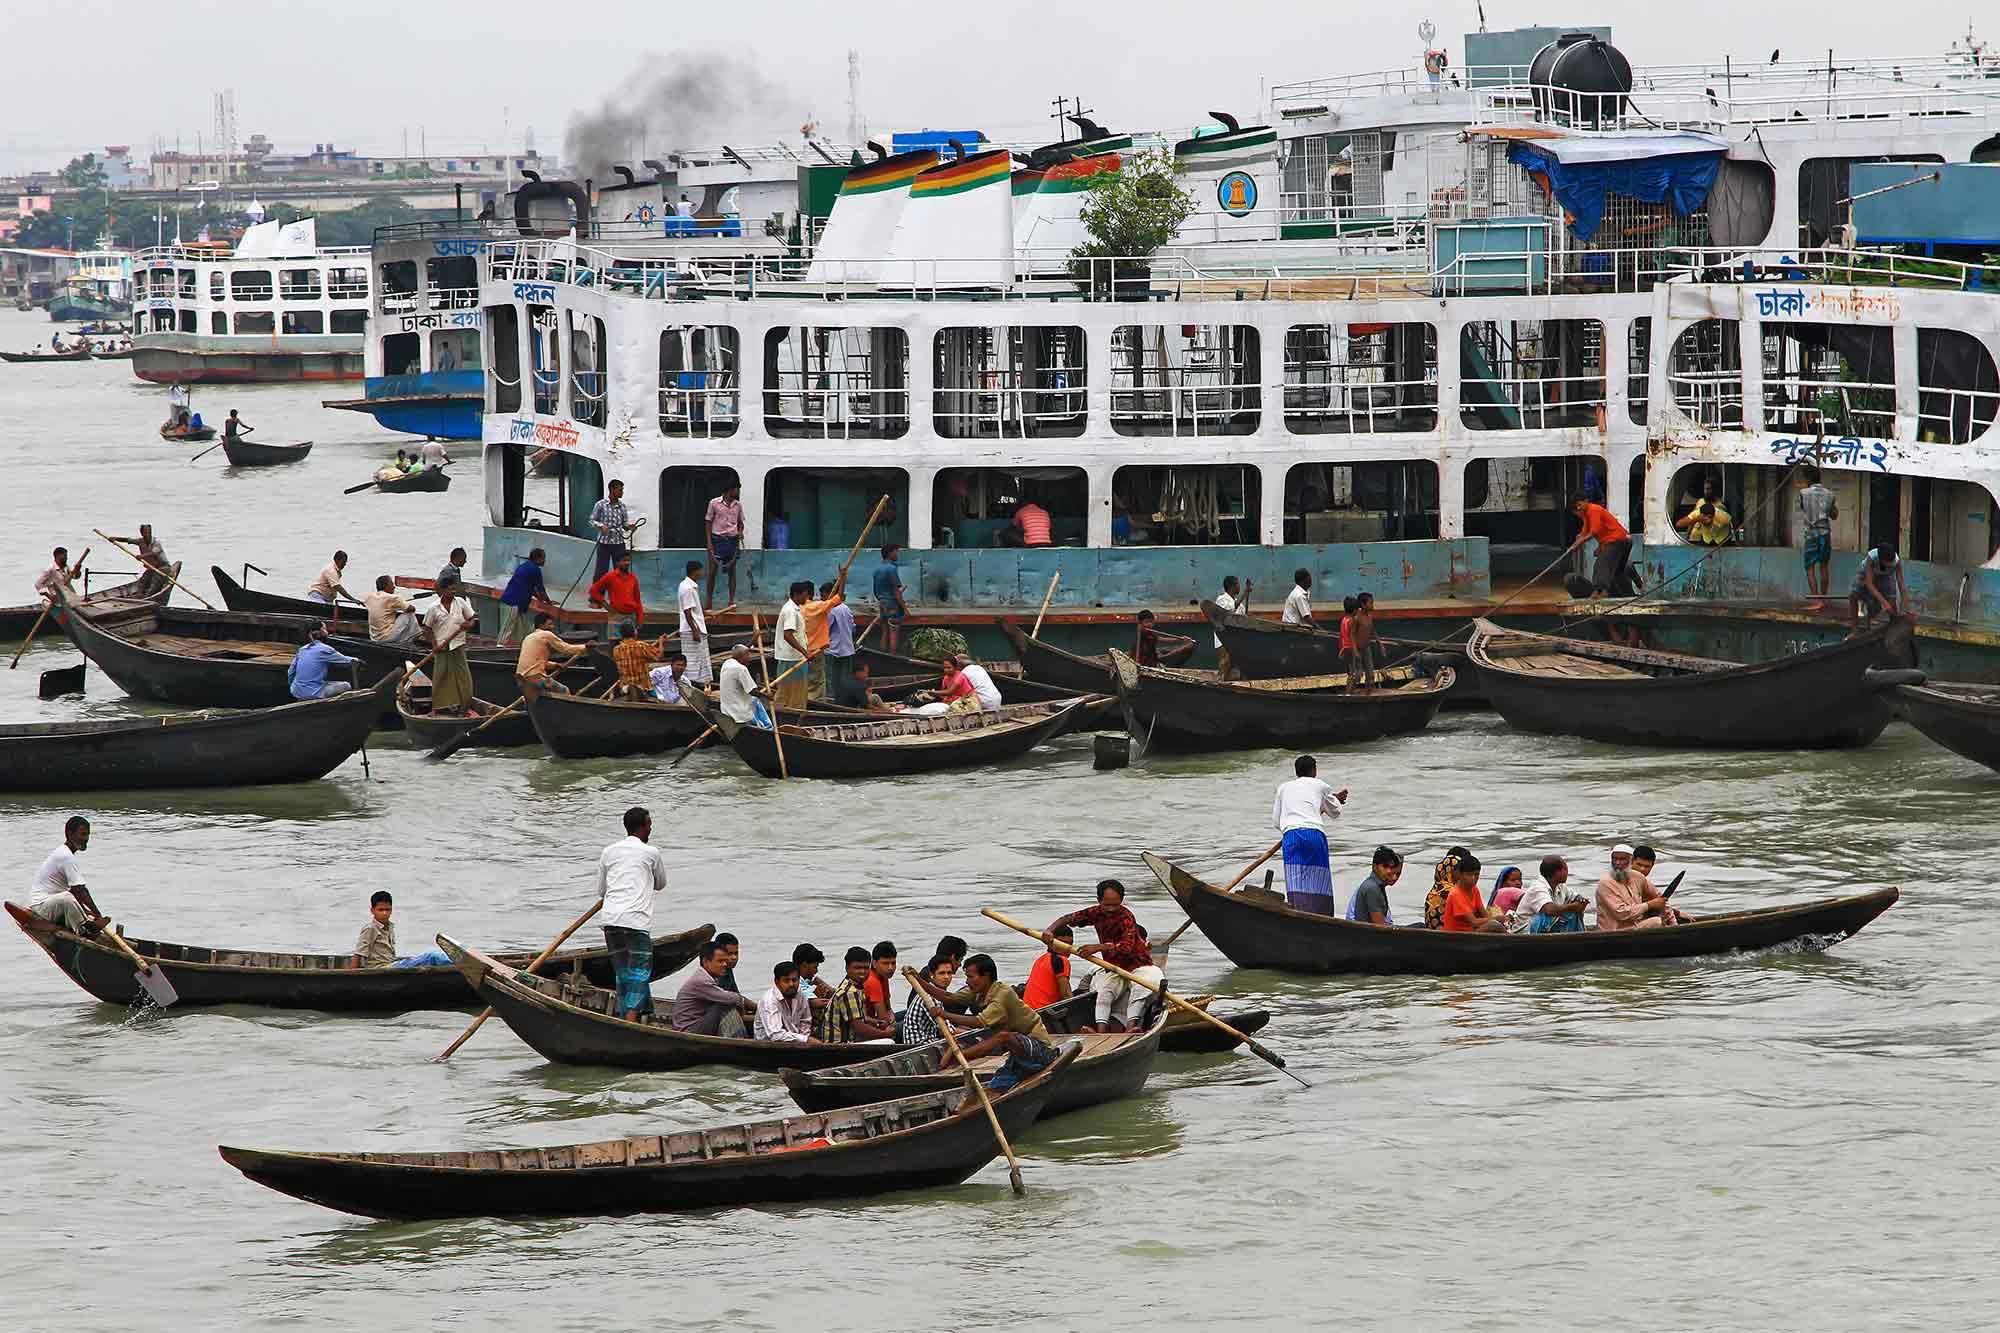 Busy Sadarghat port in Dhaka, Bangladesh.© Ulli Maier & Nisa Maier